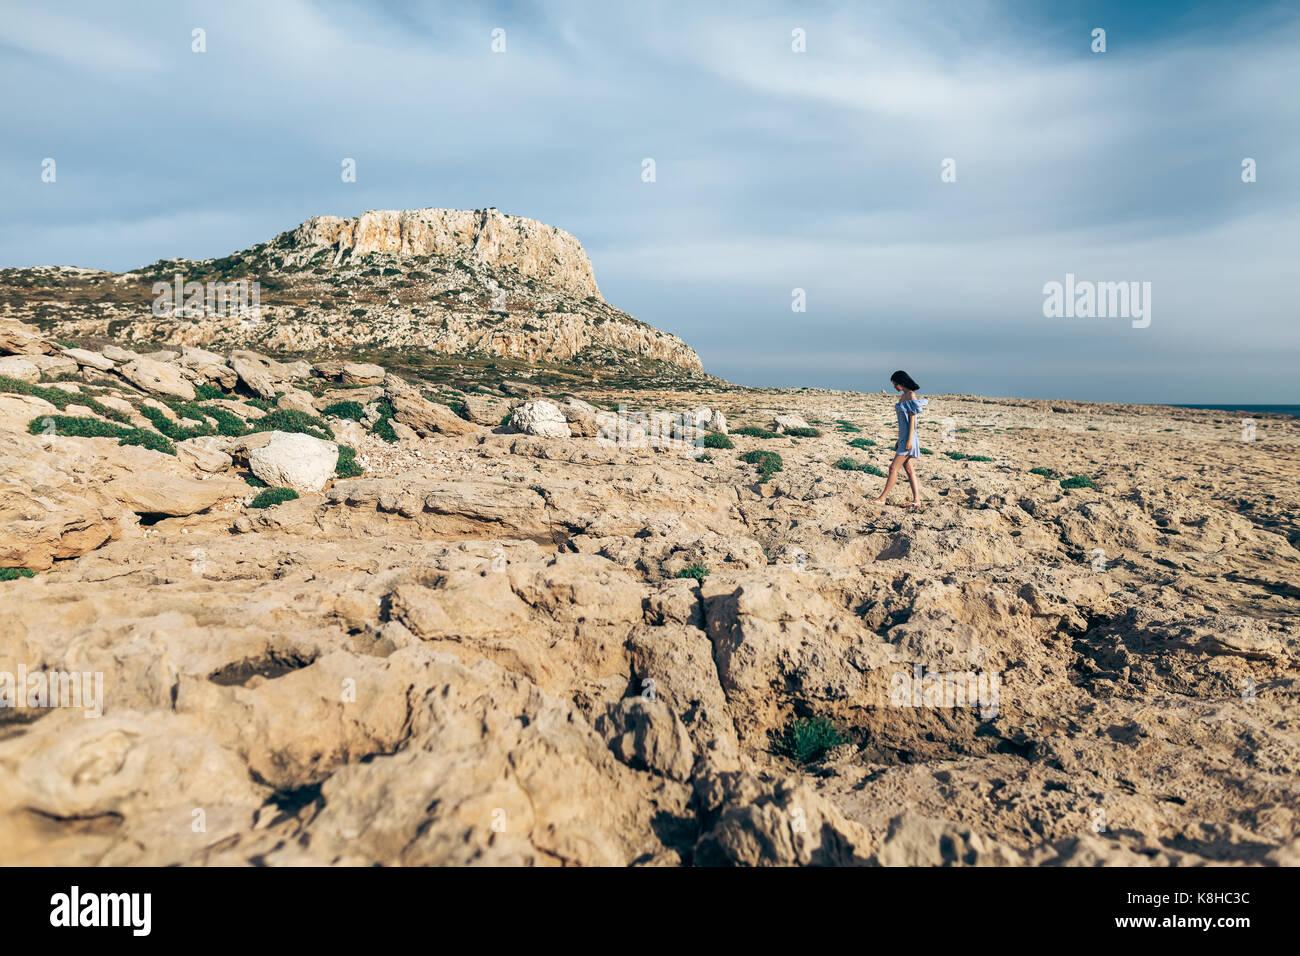 Belle femme marche sur le seul désert rocheux avec ciel dramatique Photo Stock